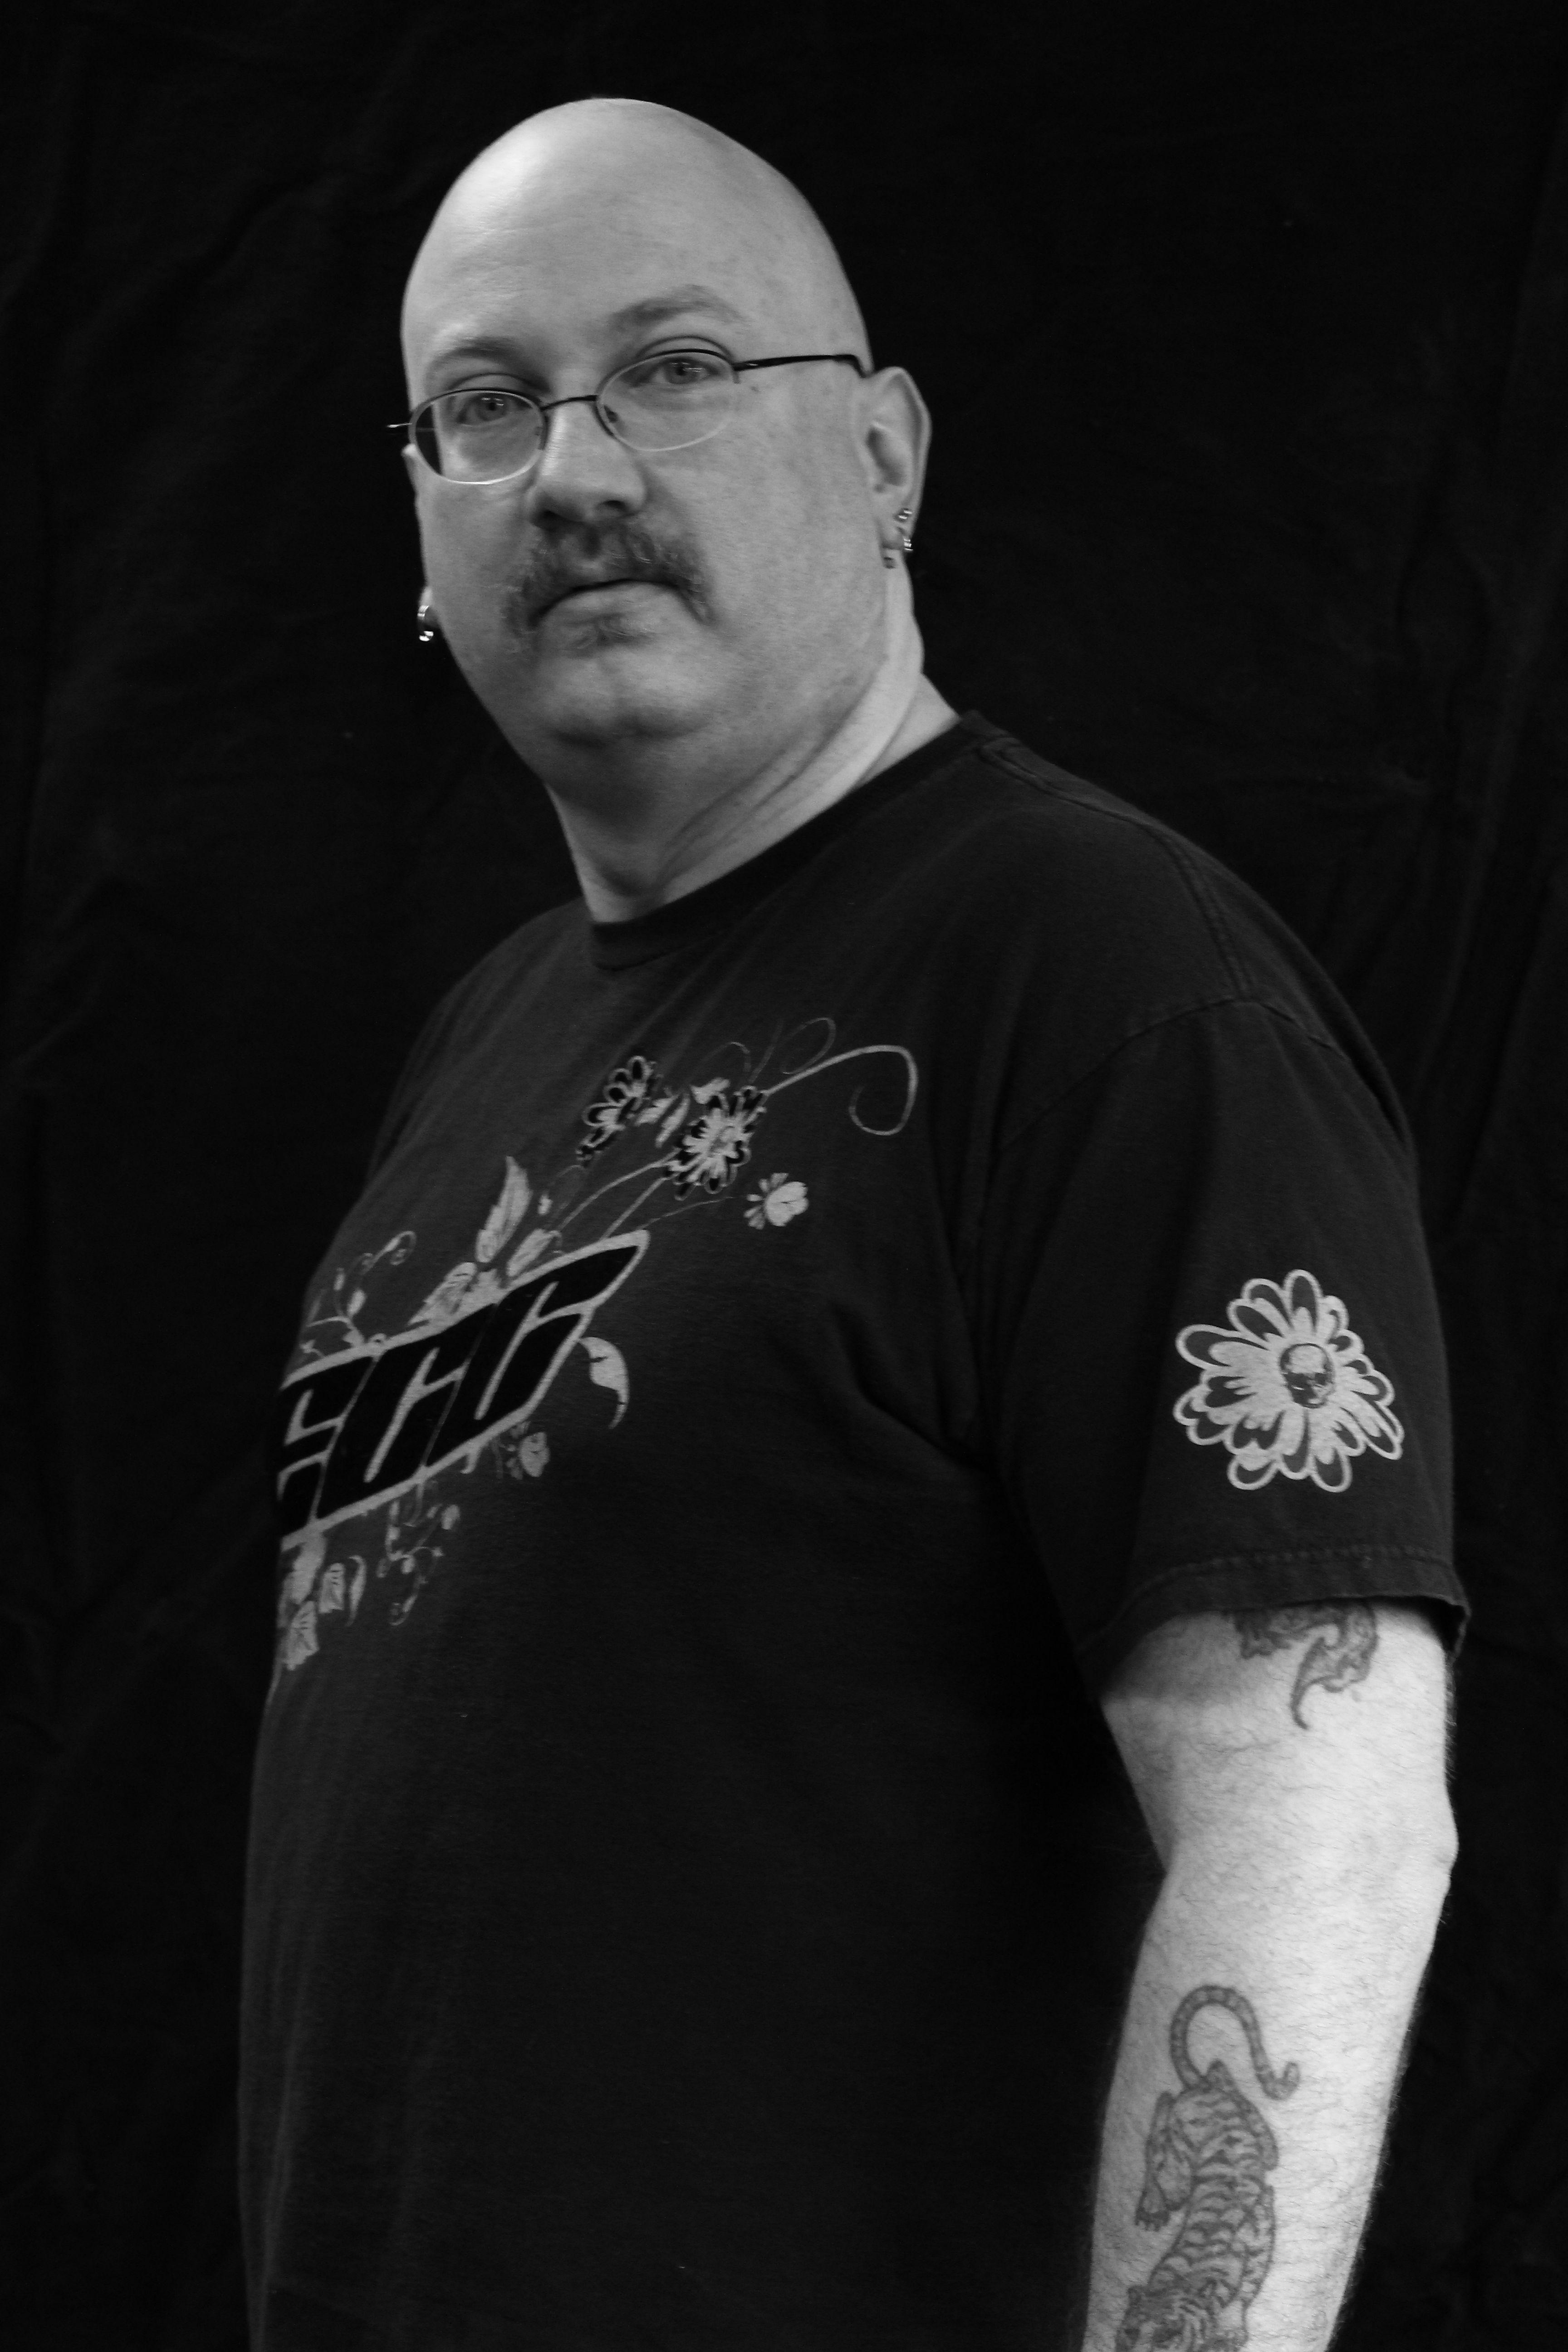 Paul Tauterouff